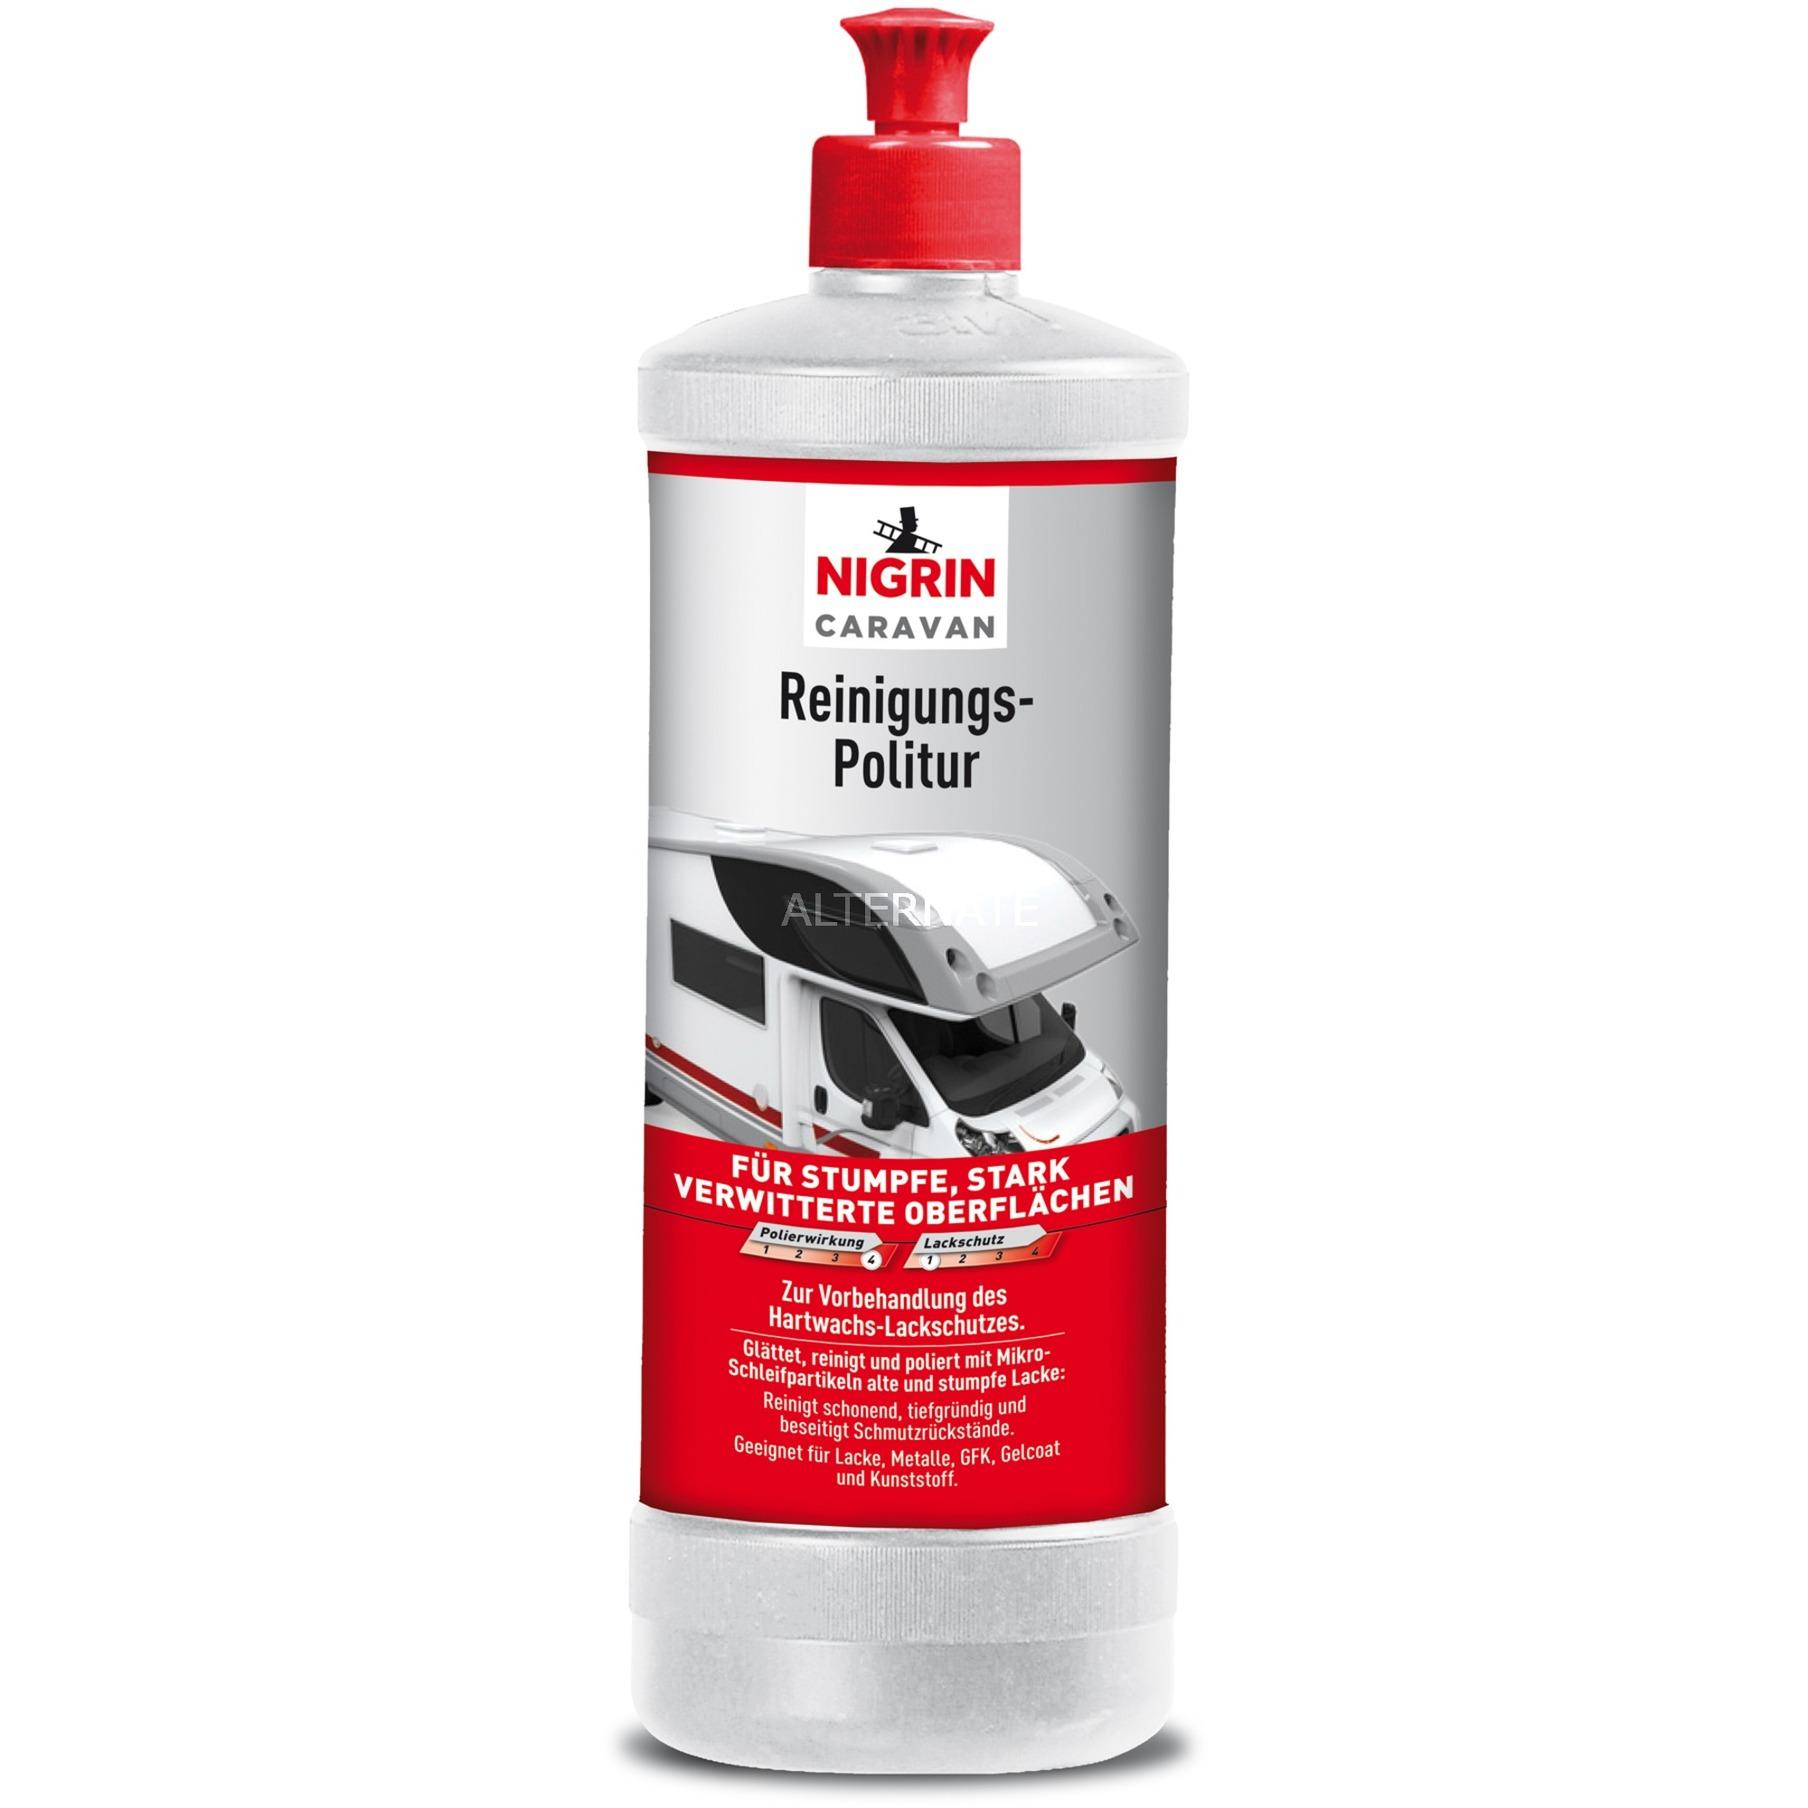 20245, Productos de limpieza